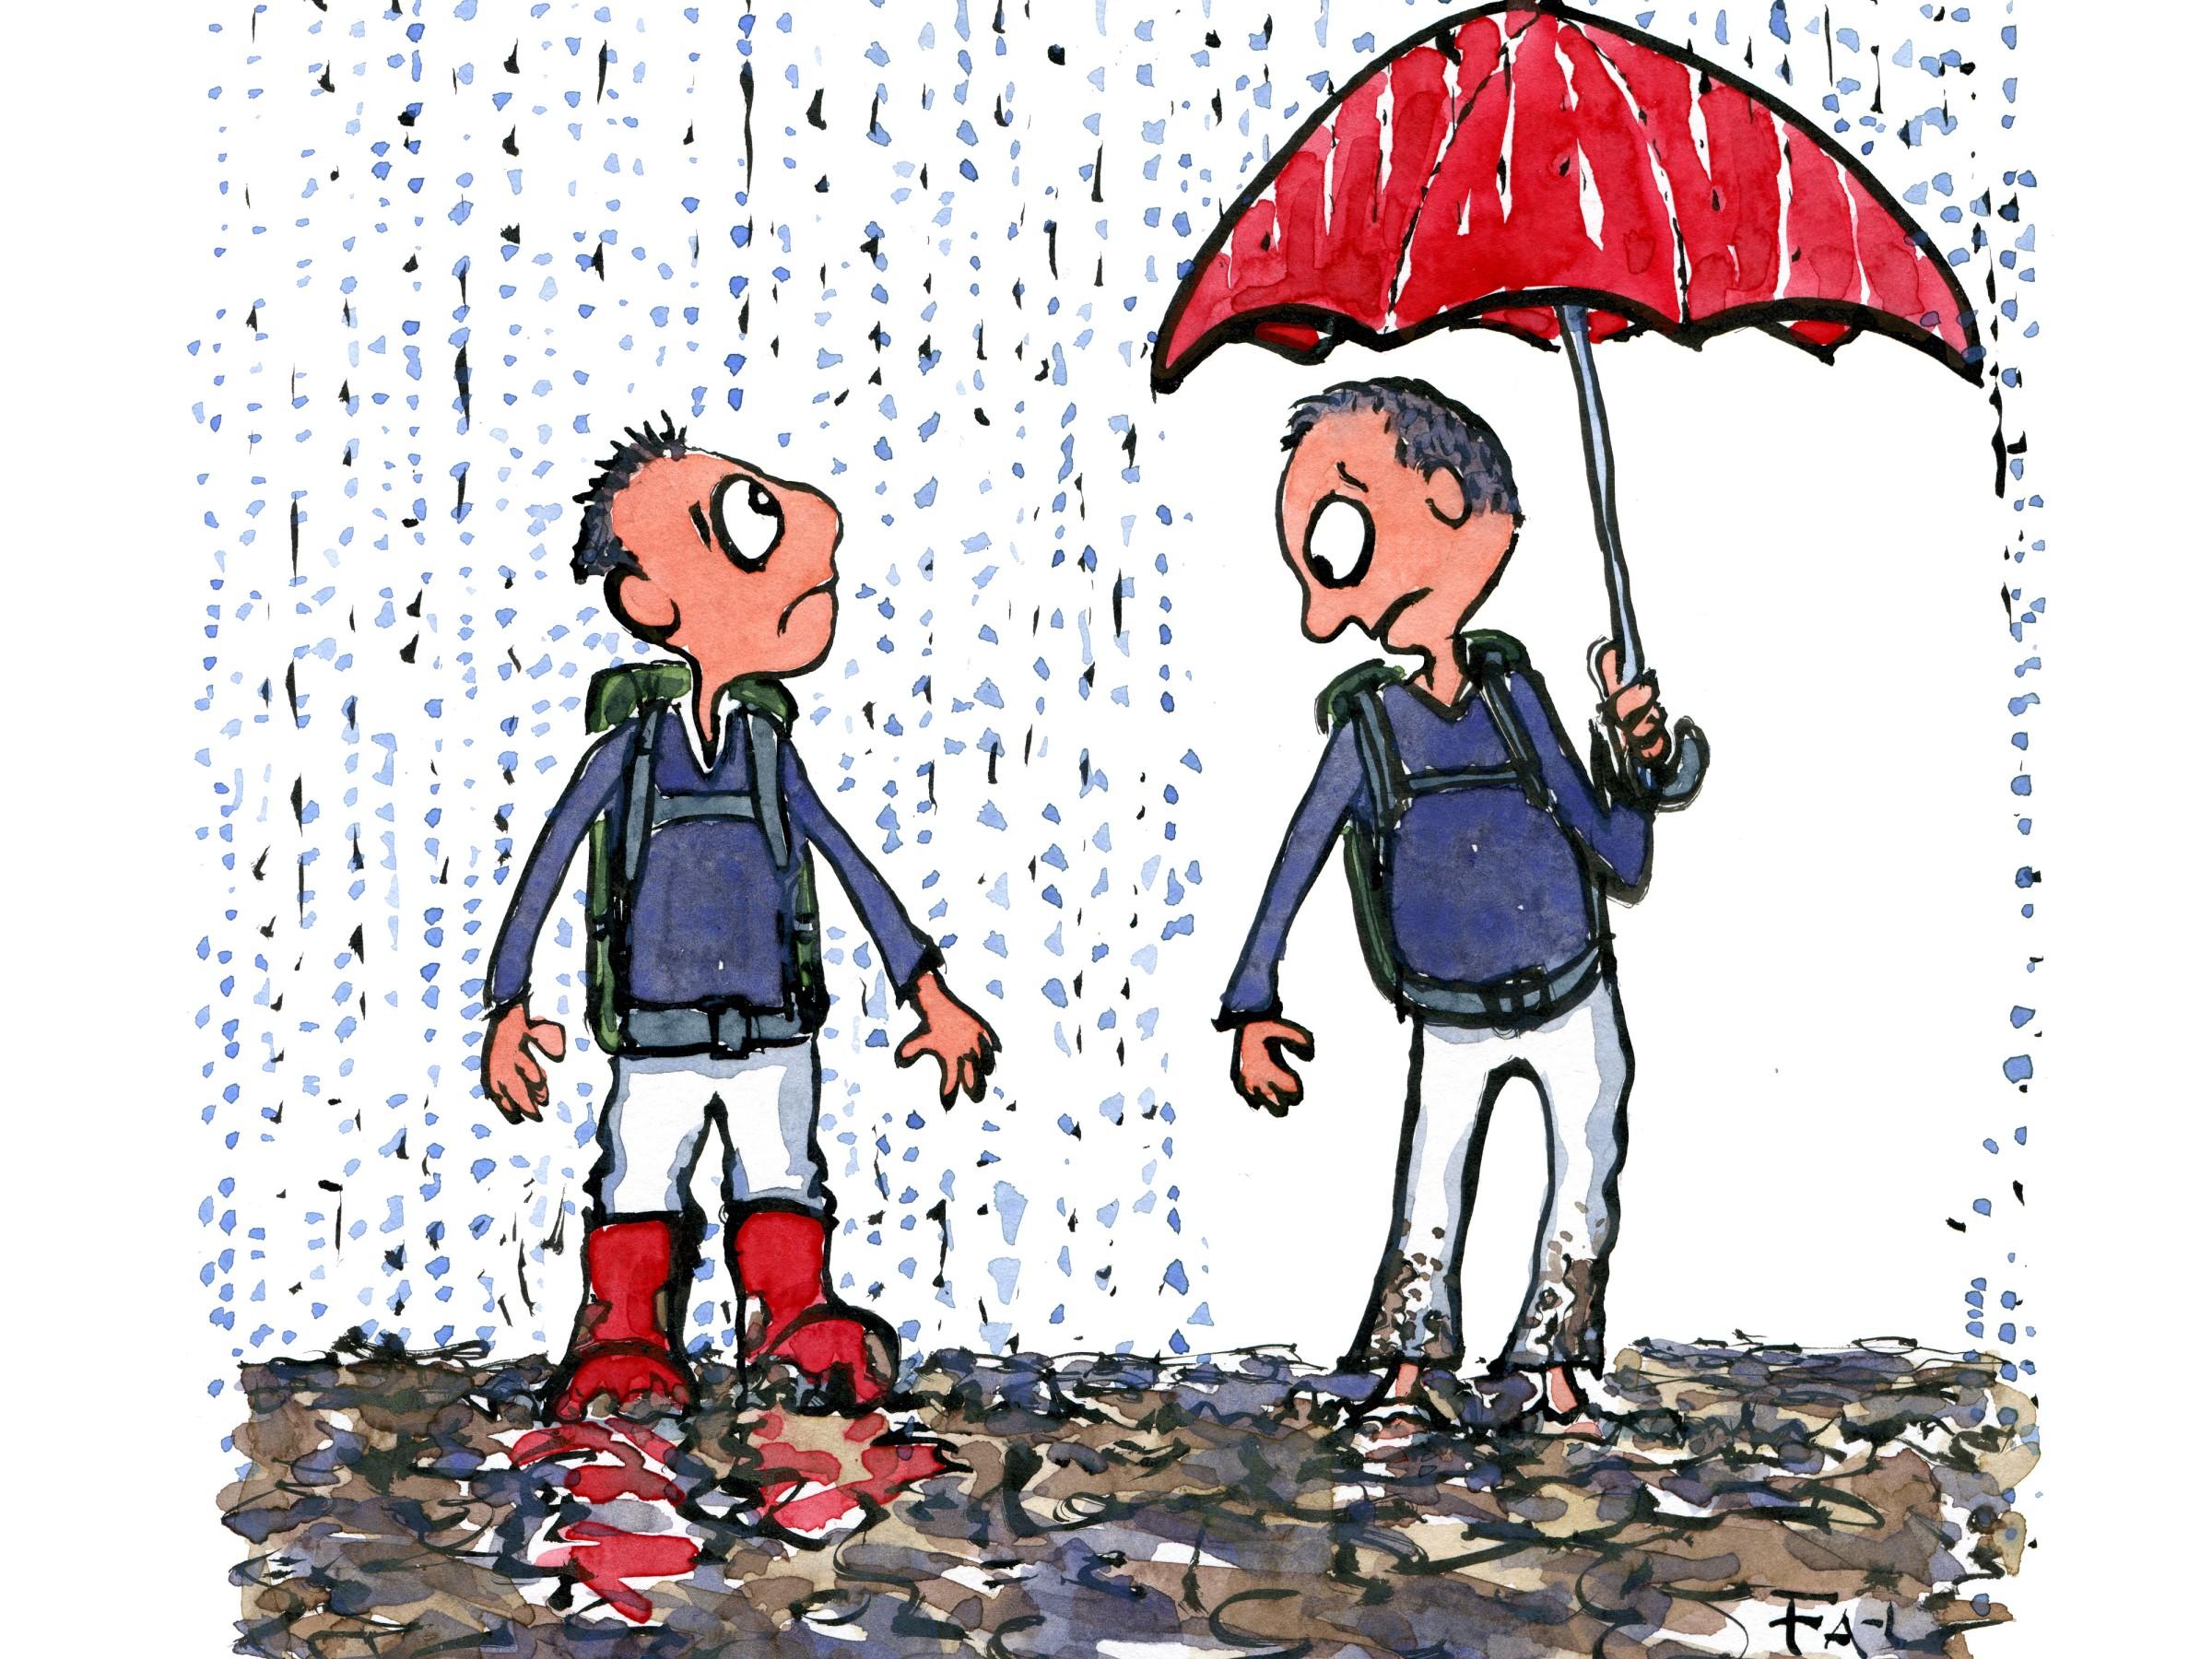 illustration af to vandrere i regnvejr og mudder, den ene med gummistøvler, den anden med paraply. Tegning af Frits Ahlefeldt